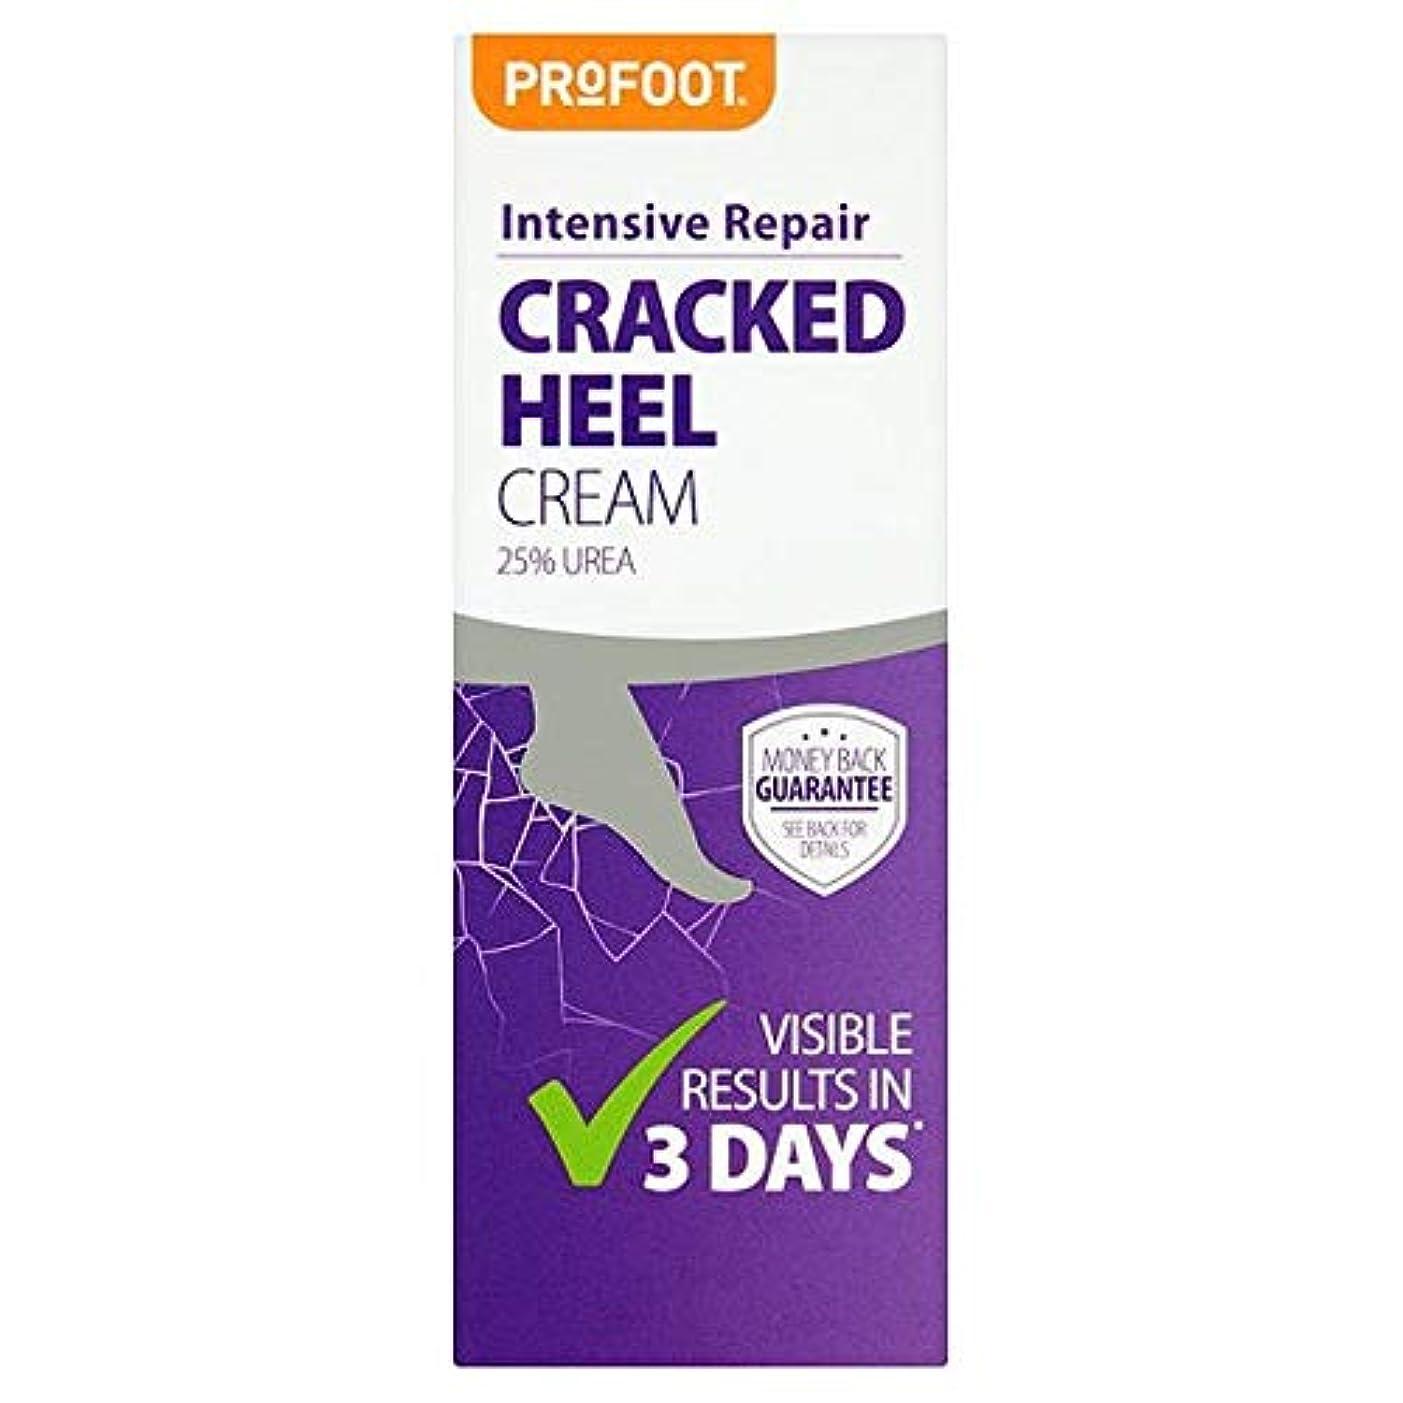 スリッパナプキン座標[Profoot] Profootひび割れかかとクリーム60ミリリットル - Profoot Cracked Heel Cream 60Ml [並行輸入品]